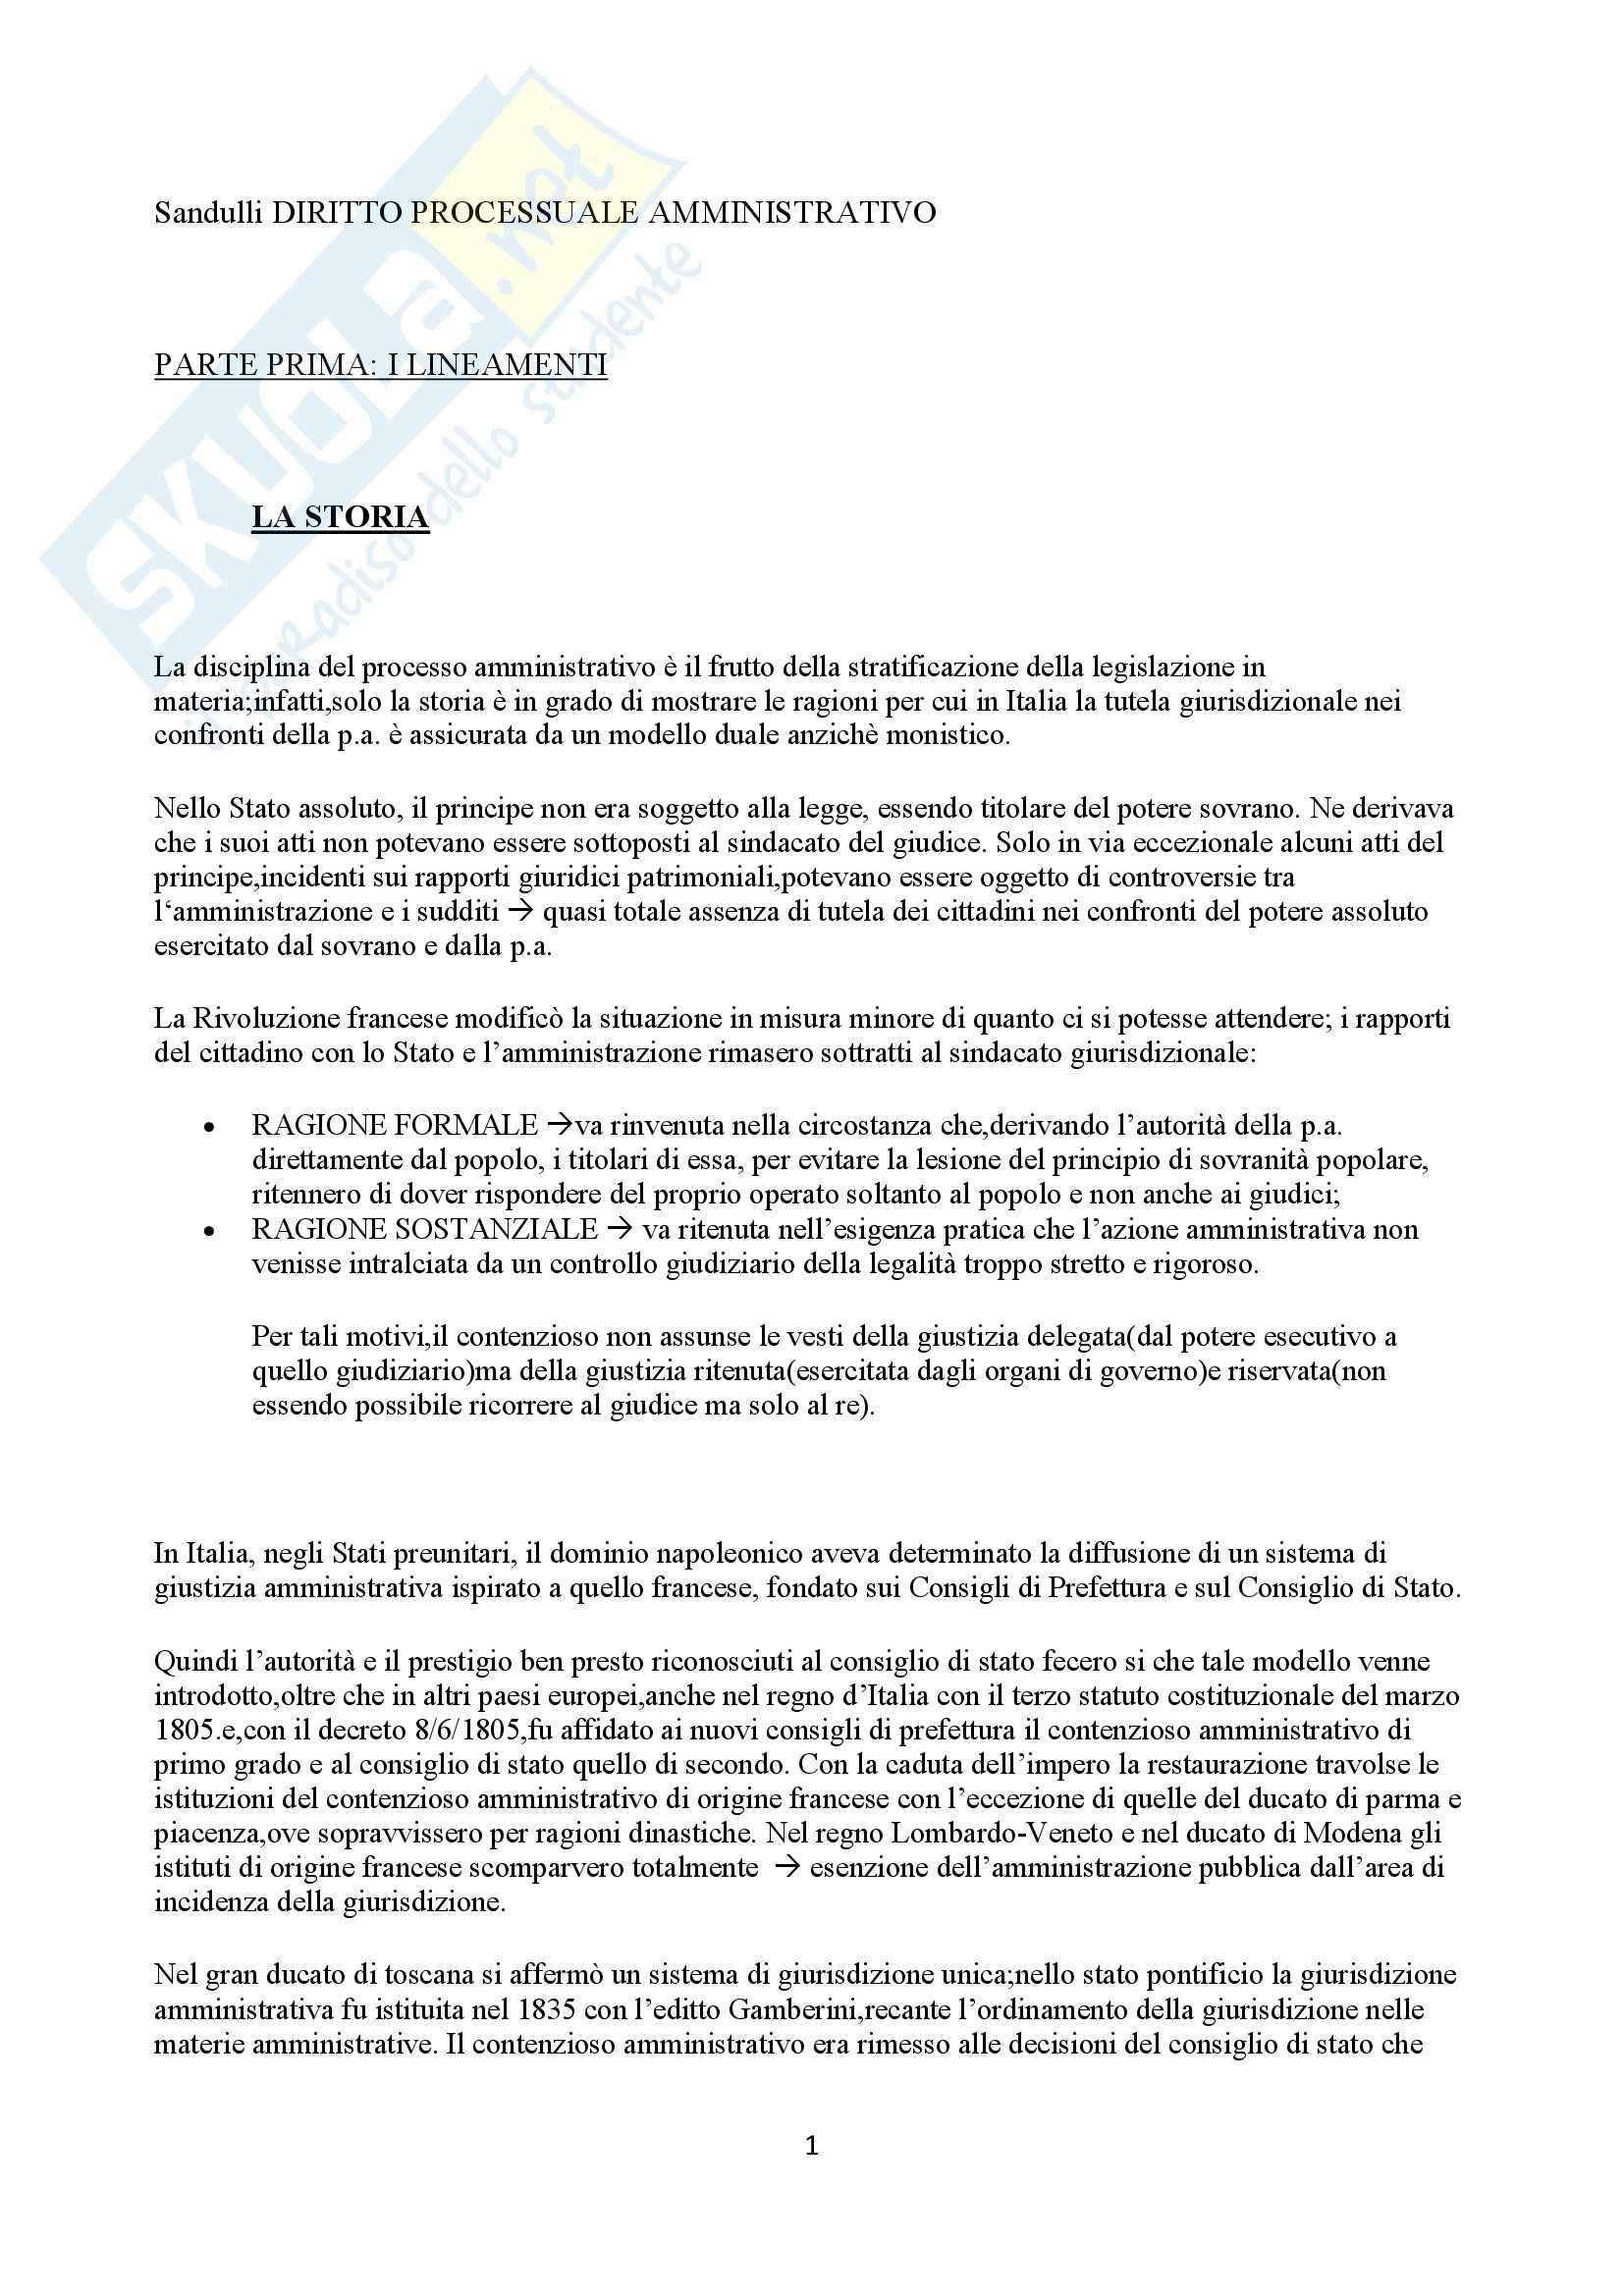 Diritto amministrativo -  Diritto processuale amministrativo, Sandulli A.